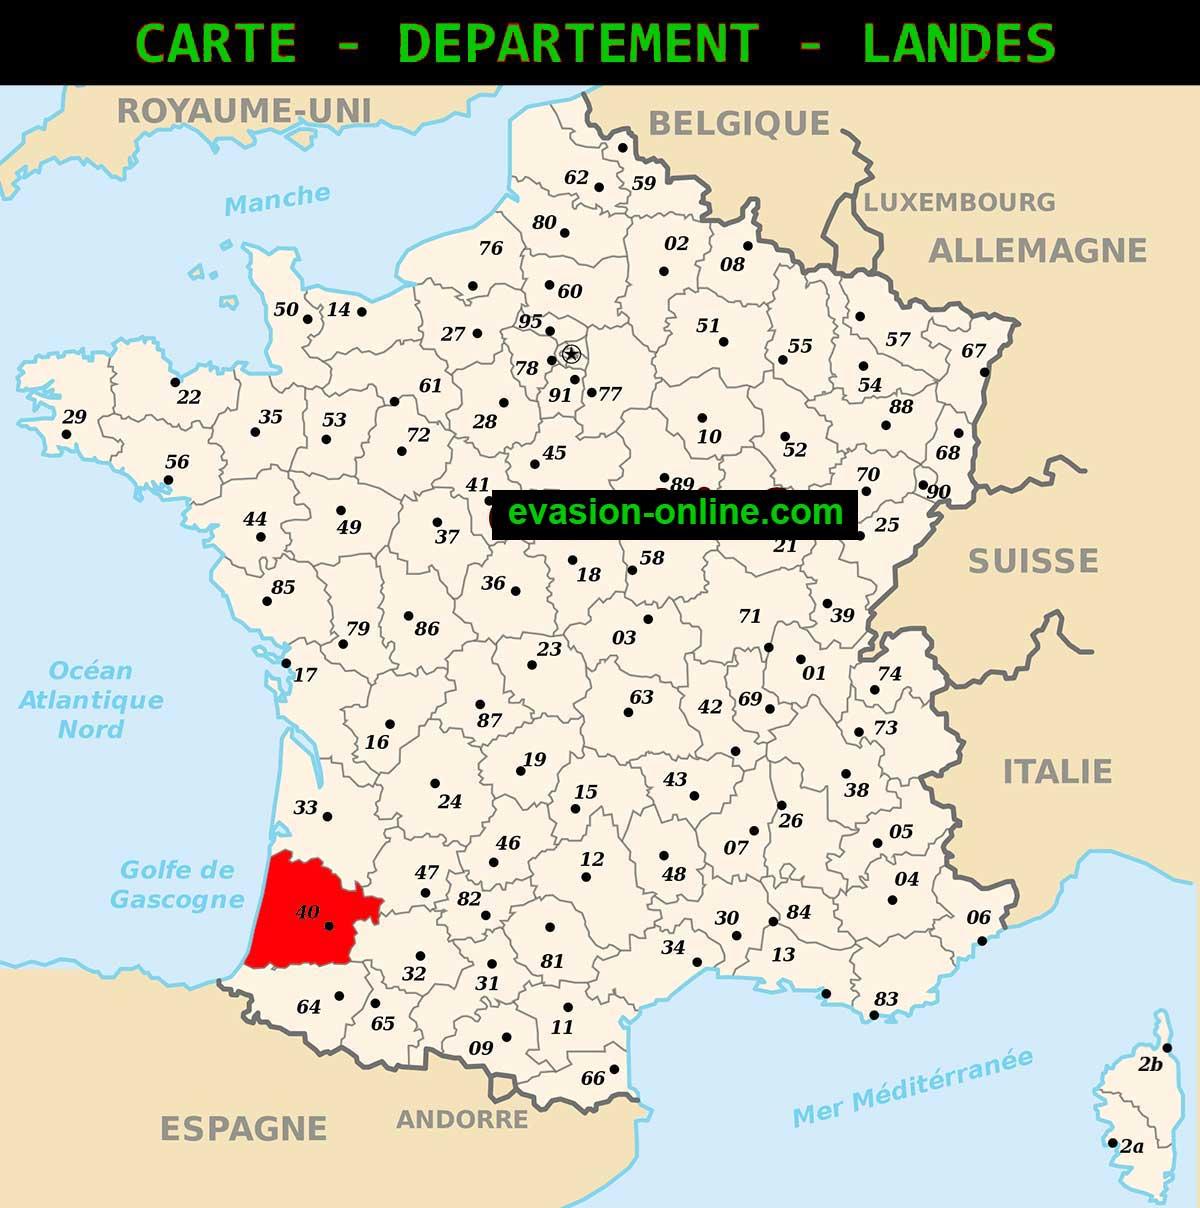 Carte - Département Landes » Vacances - Arts- Guides Voyages